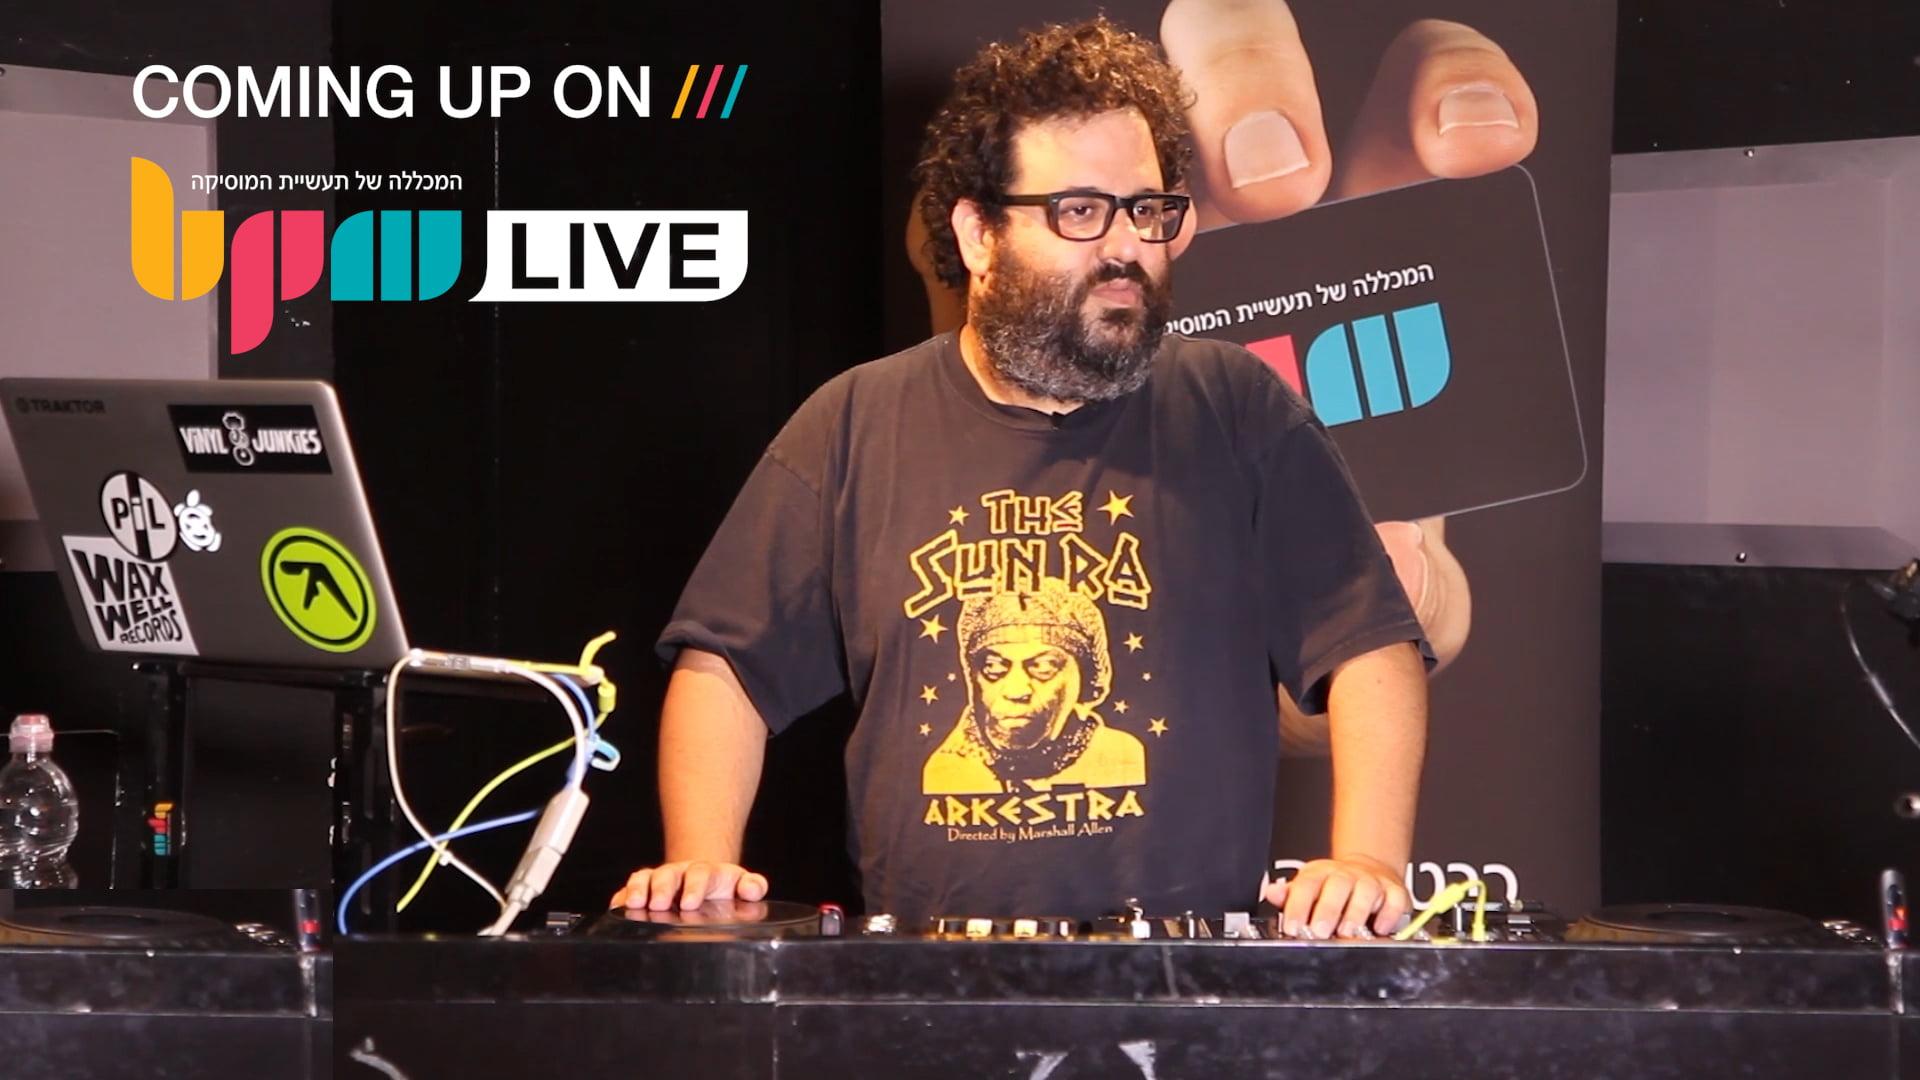 סדרת הקונטרולרים של Native Instruments – שיעור DJ לייב עם אייל גולדמן